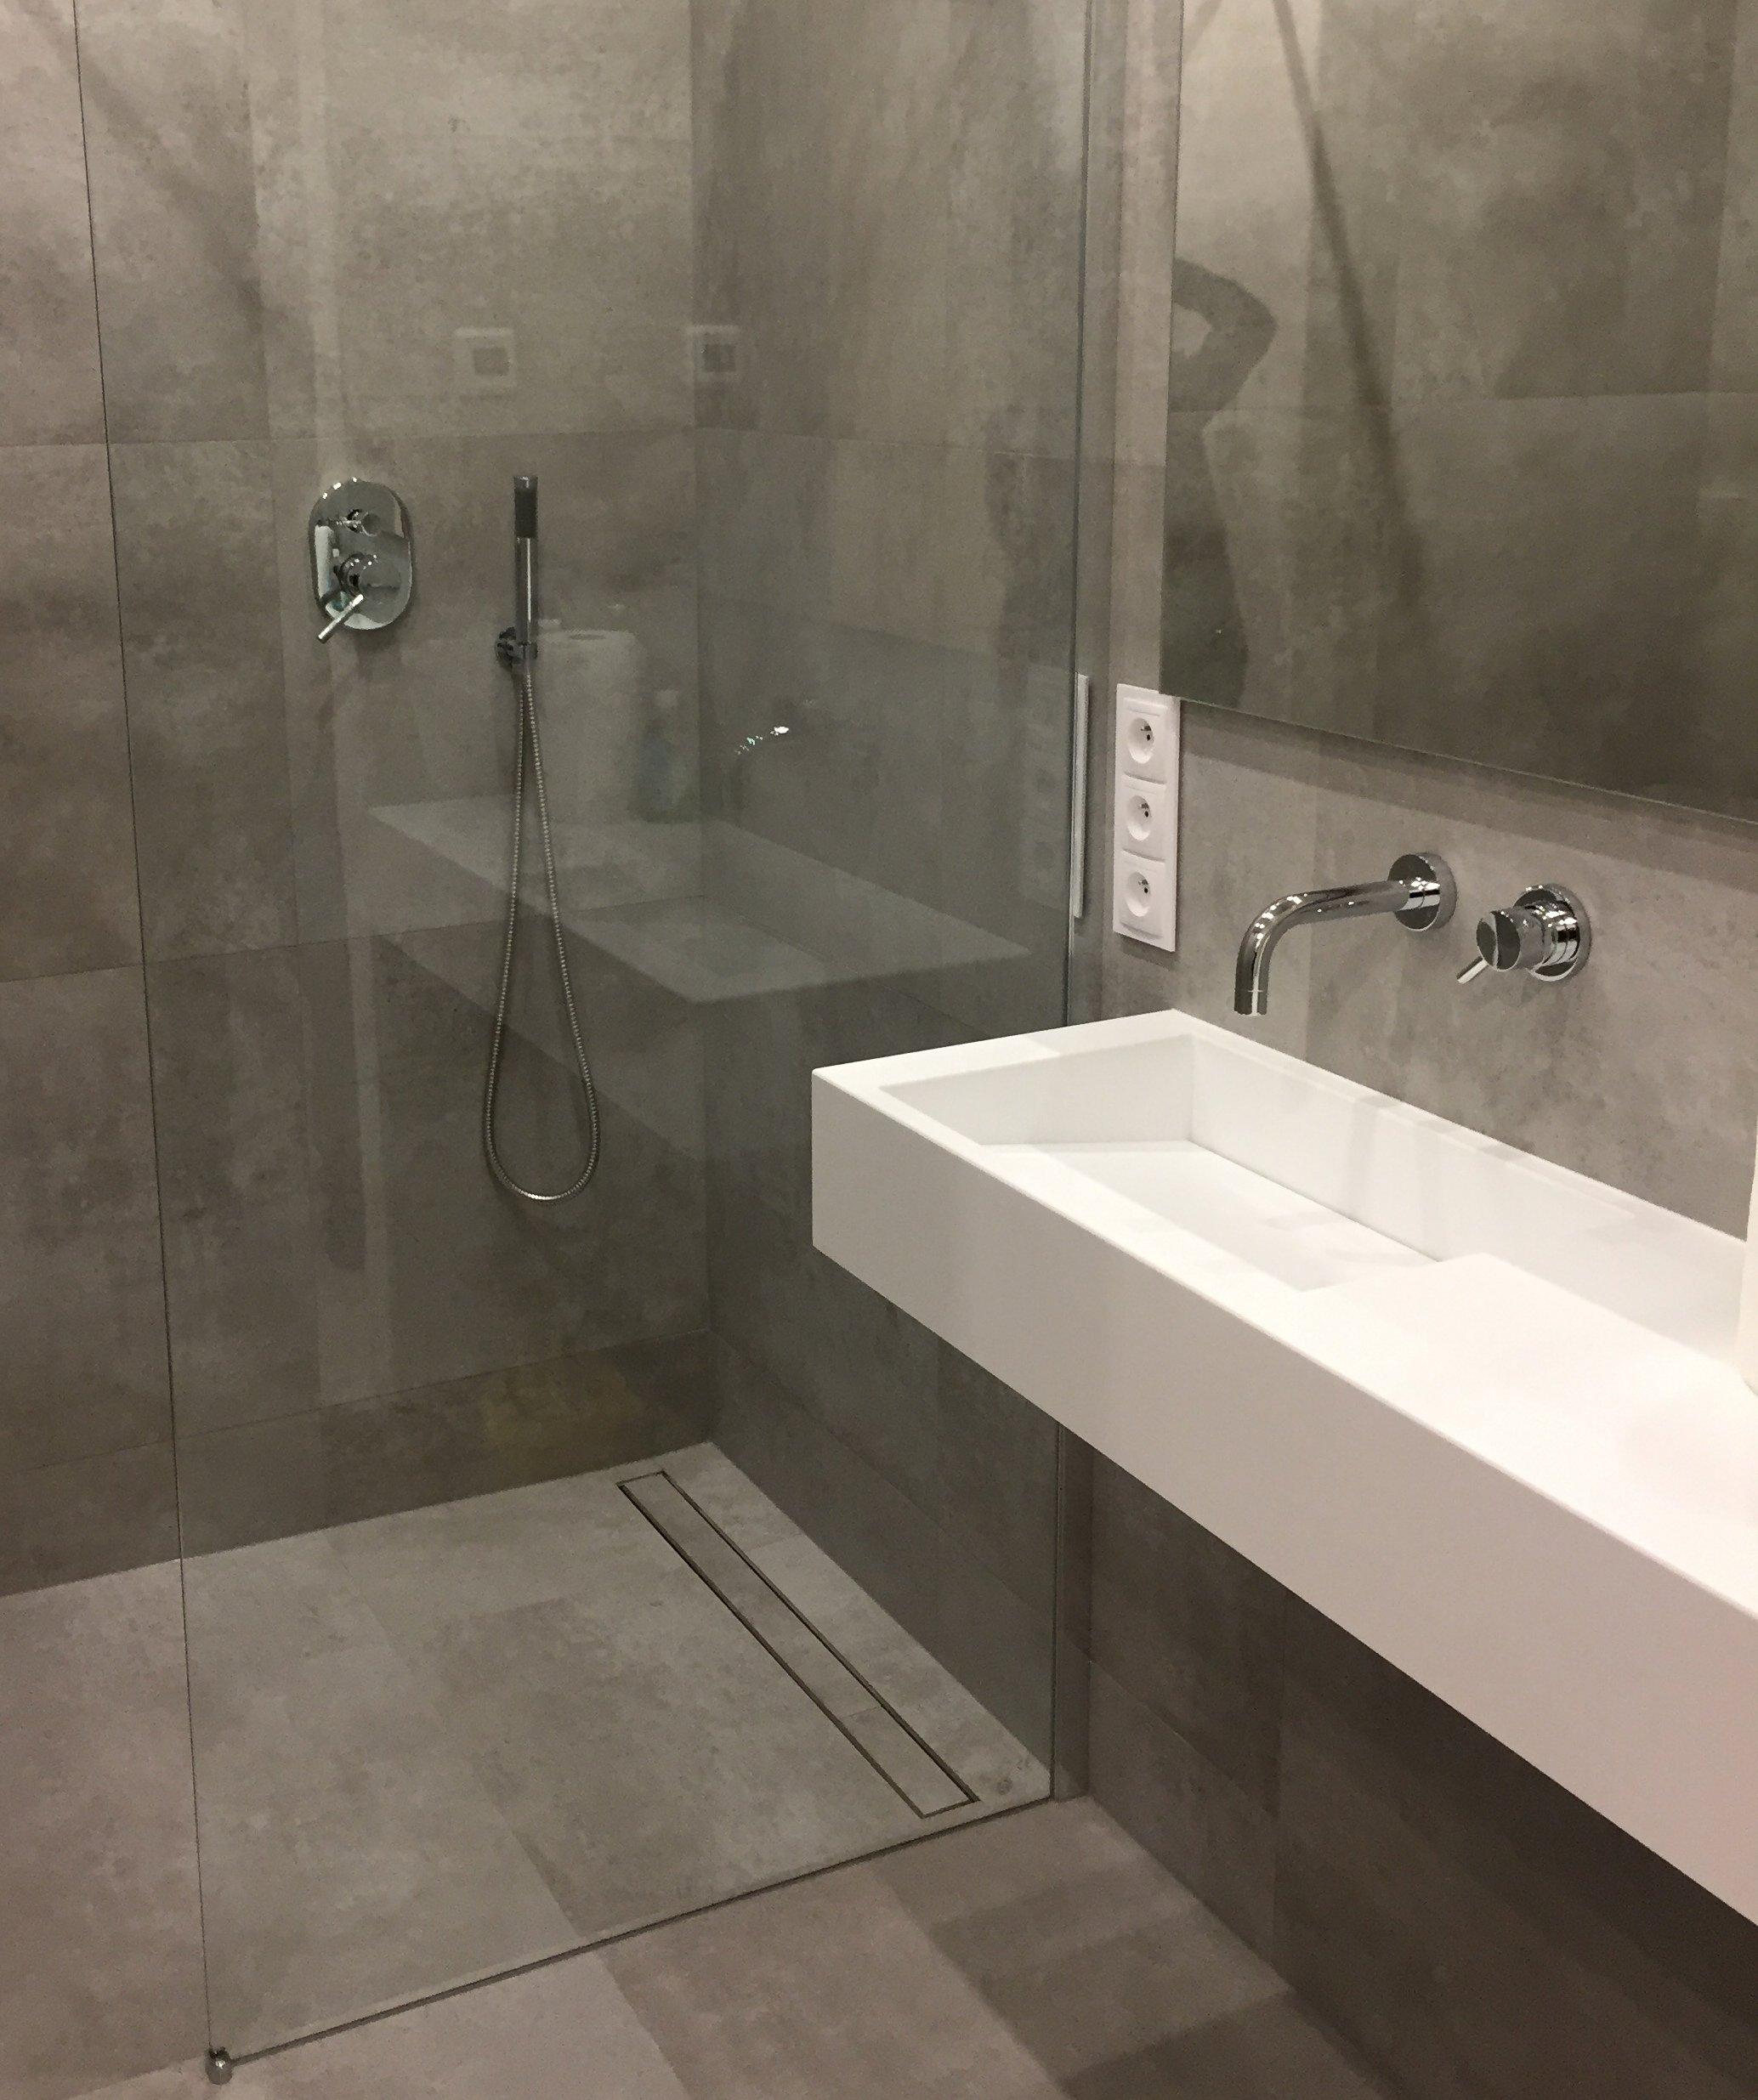 Umywalka Odpływ Liniowy Corian Blat łazienka 7054771634